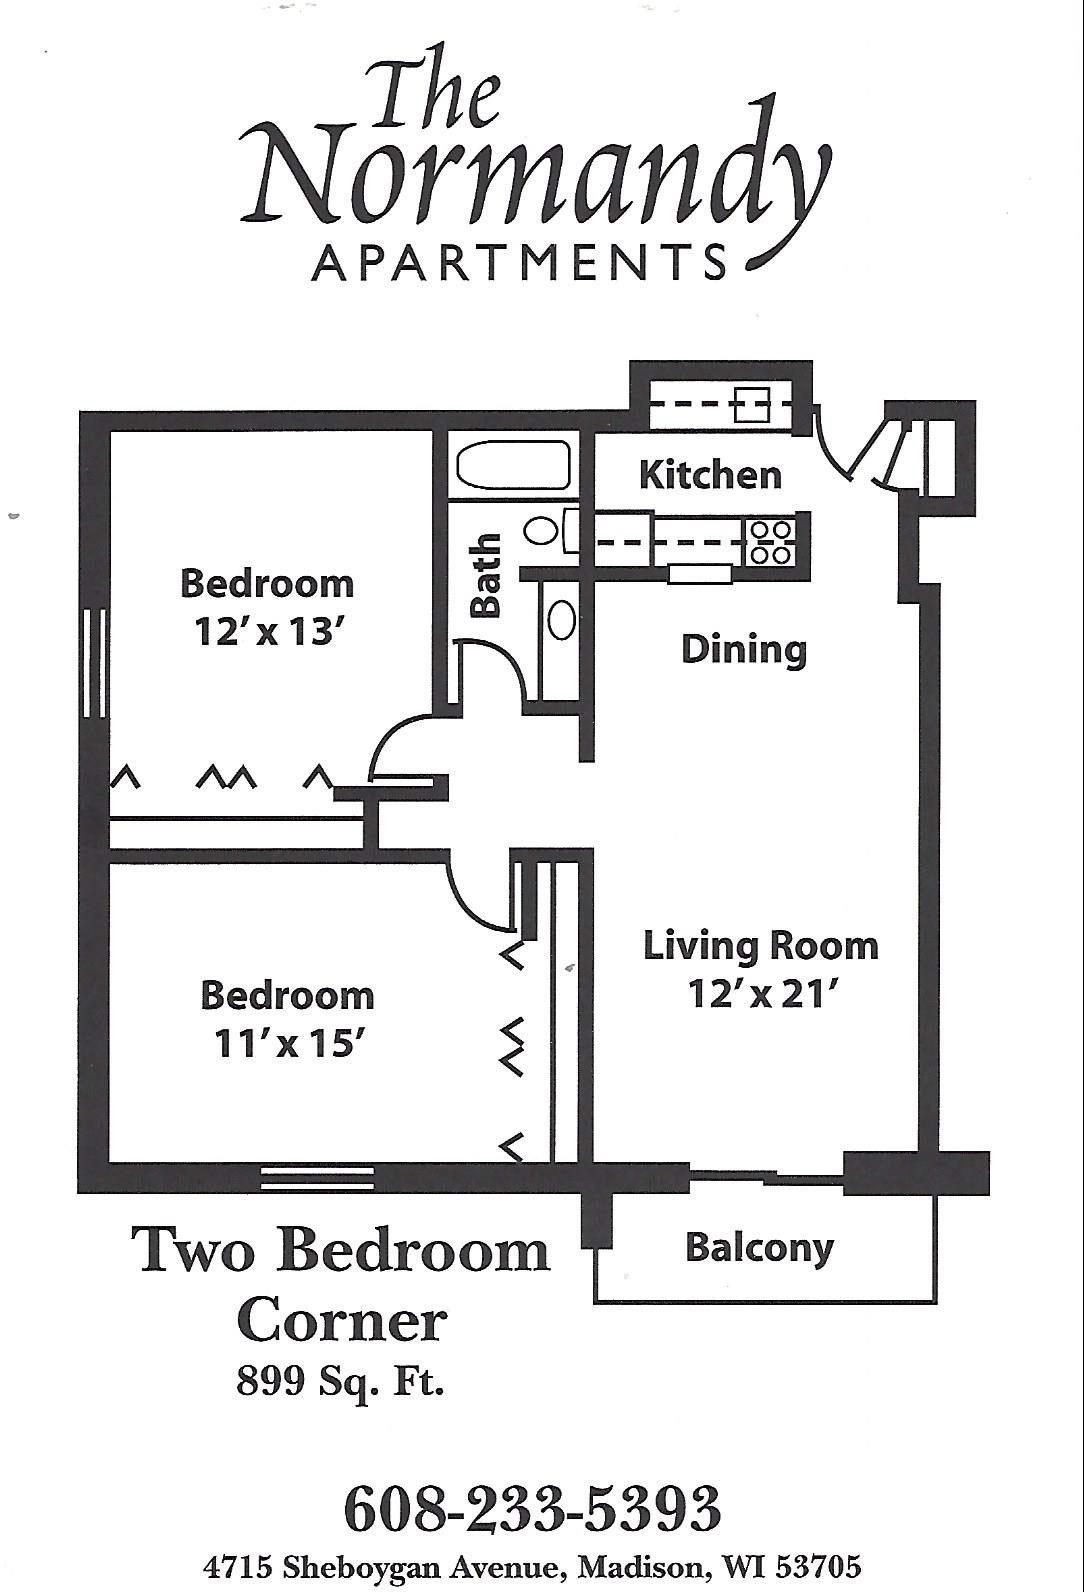 2 Bedrooms - $1246